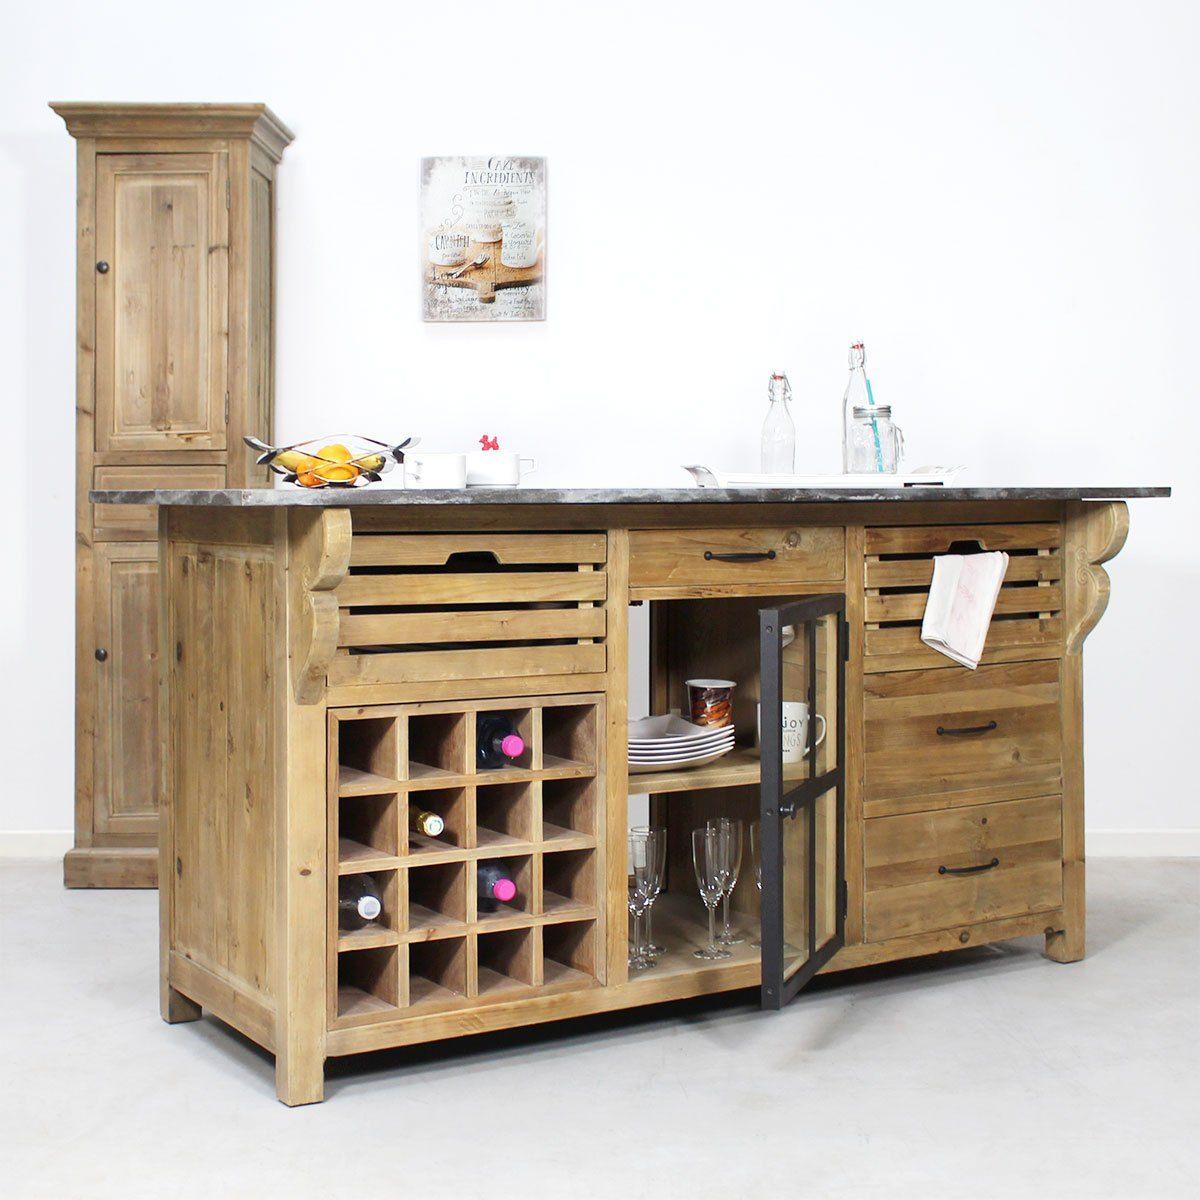 Conseils Deco Pour Amenager Une Cuisine Style Campagne Vaisselier Mobilier De Salon Meuble Cuisine Range Bouteille